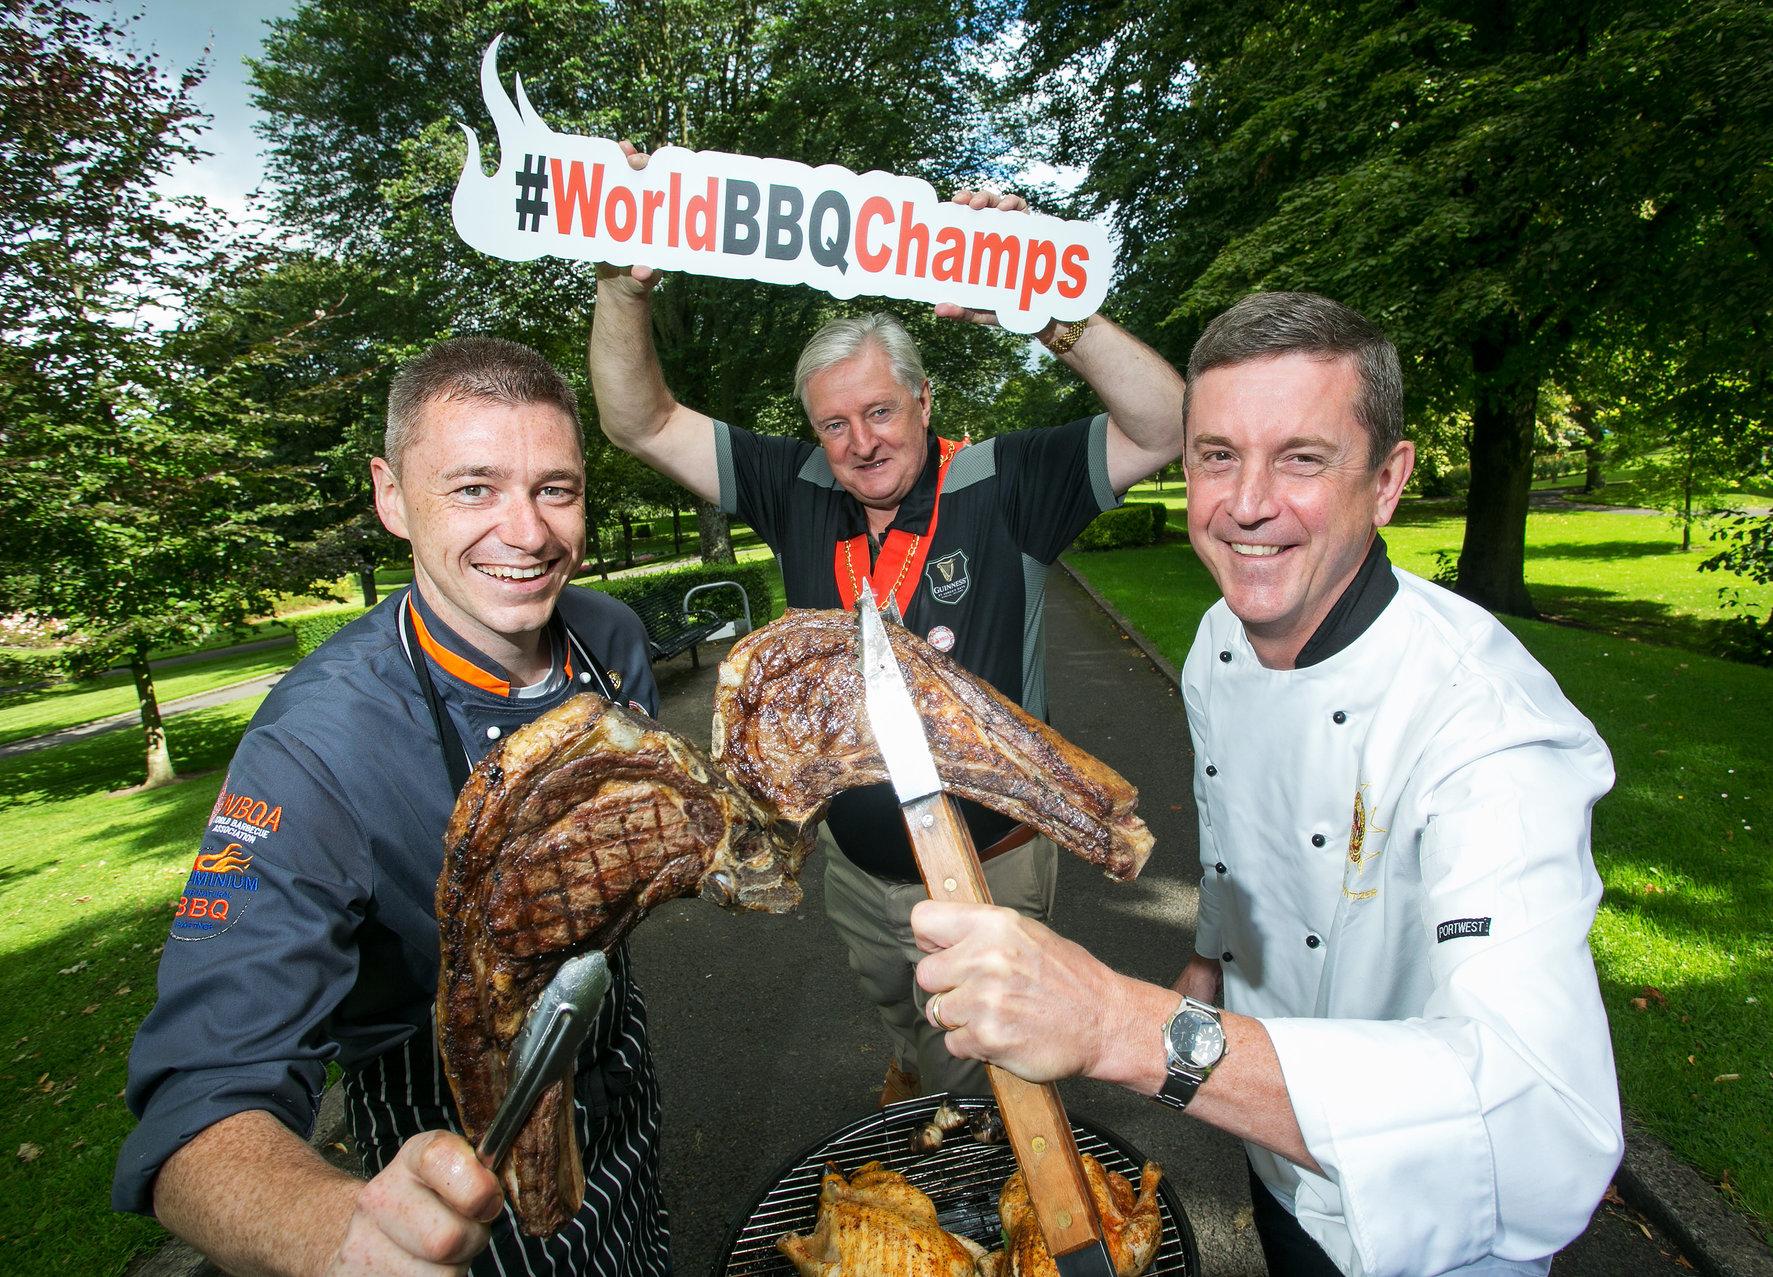 WBQA World BBQ Championships